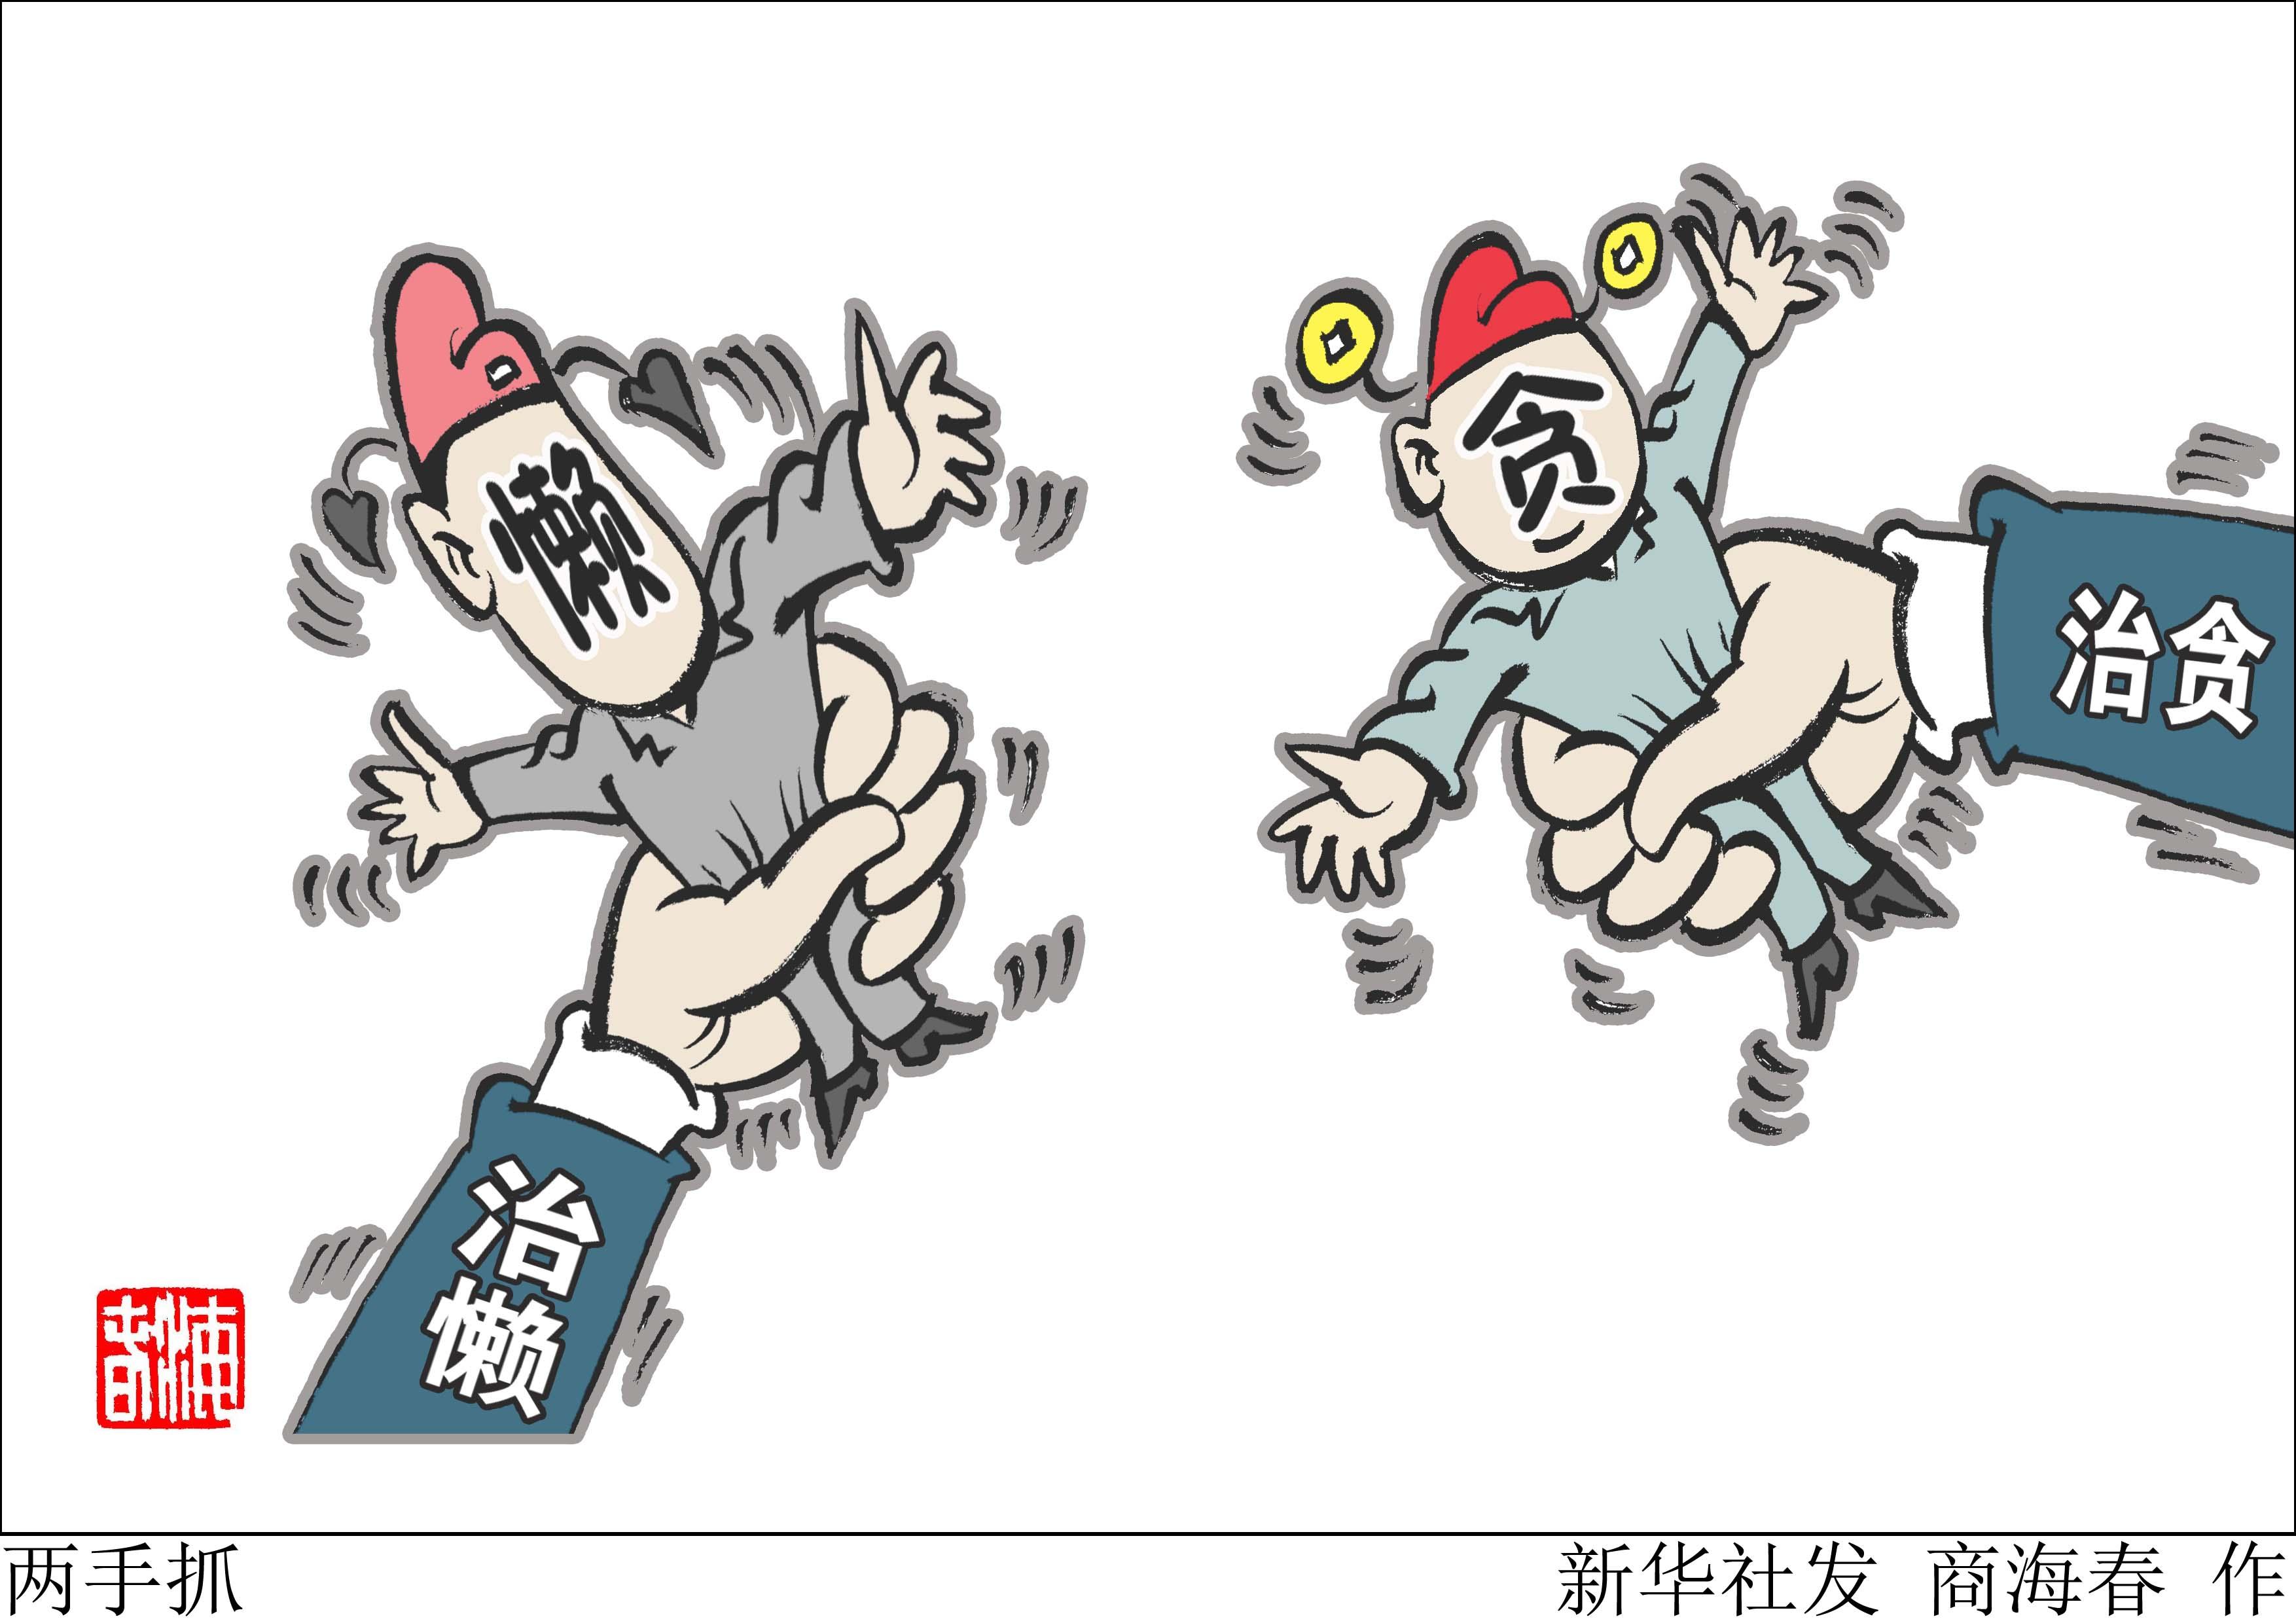 (锐绯色)汇聚为经济发展反腐正量--河南漫画百名目与影七代火漫画图片